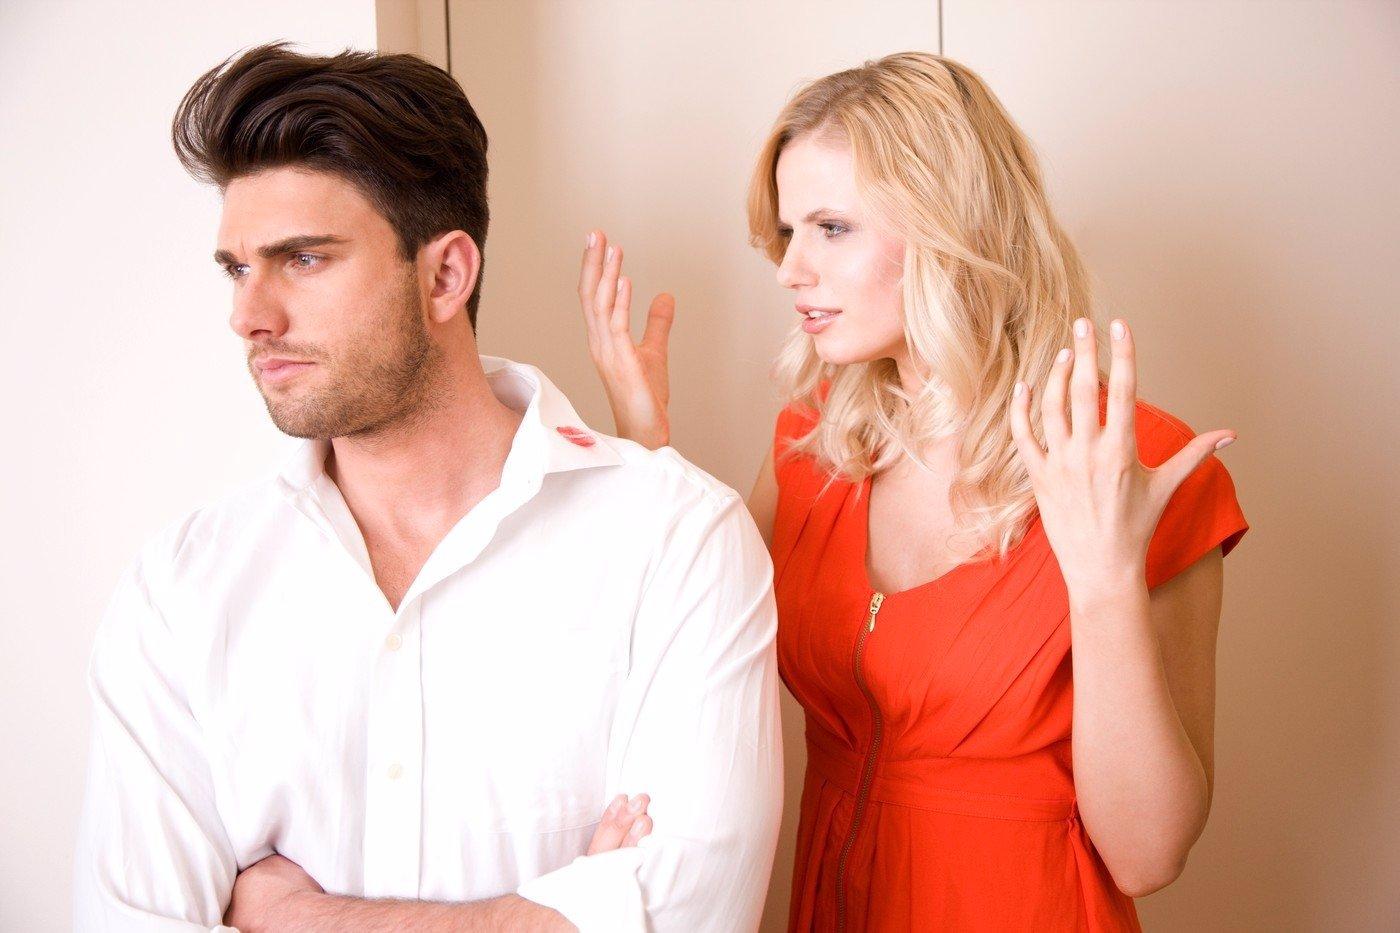 5 triků, jak donutit vyhlédnutého fešáka, aby kopl svou holku do zadku!